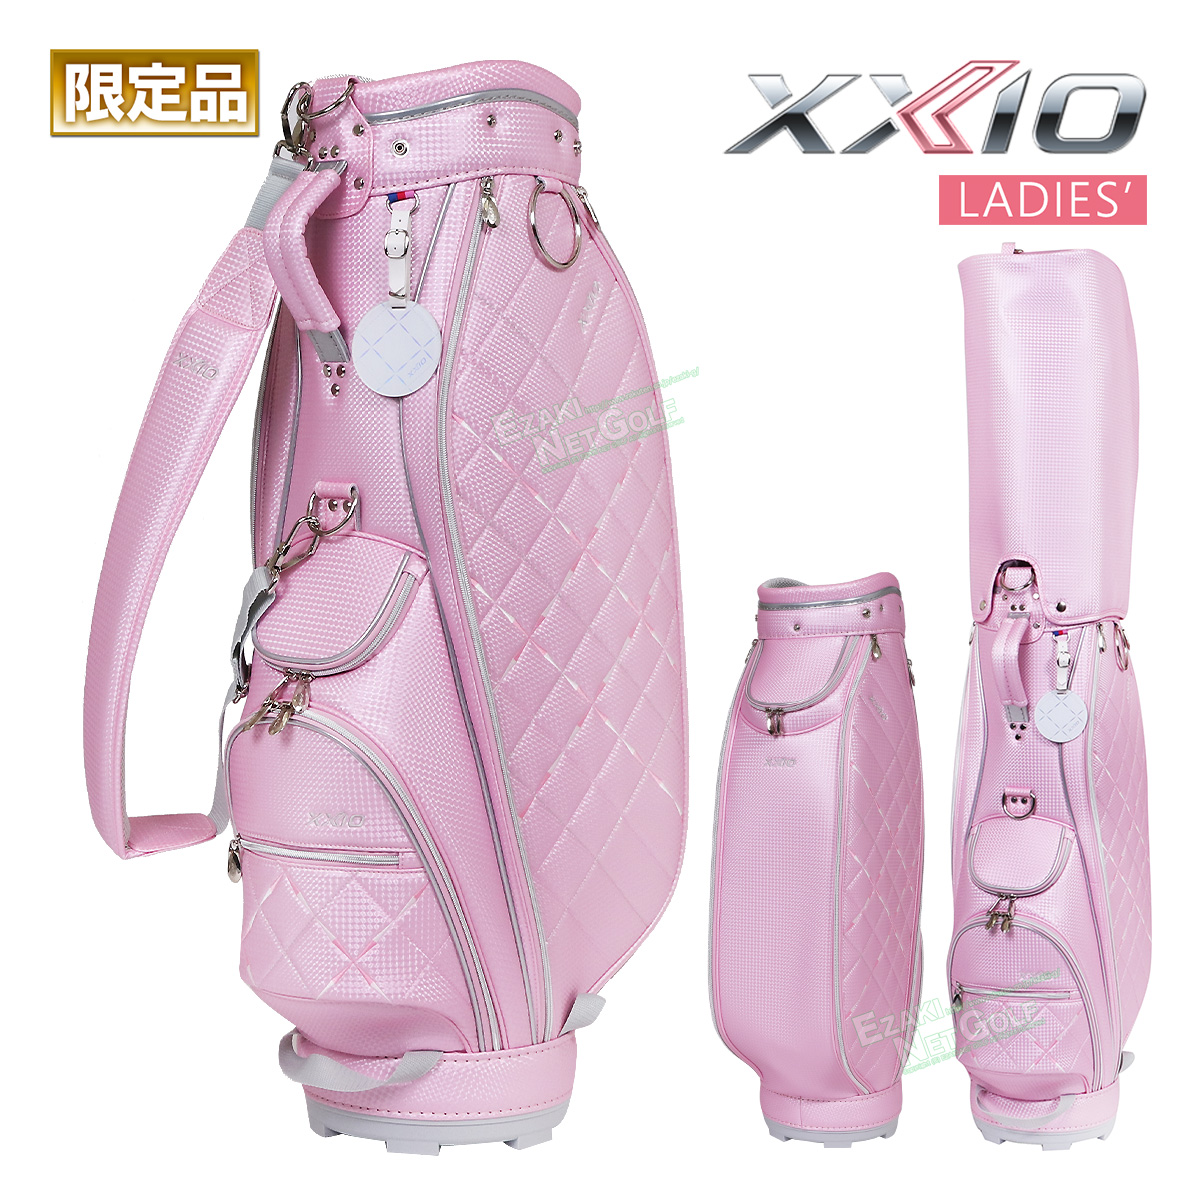 【限定品】ダンロップ日本正規品 XXIO(ゼクシオ) エレガント モデル キャディバッグ 2020新製品「GGC-X113W ピンク」 レディスモデル 【あす楽対応】